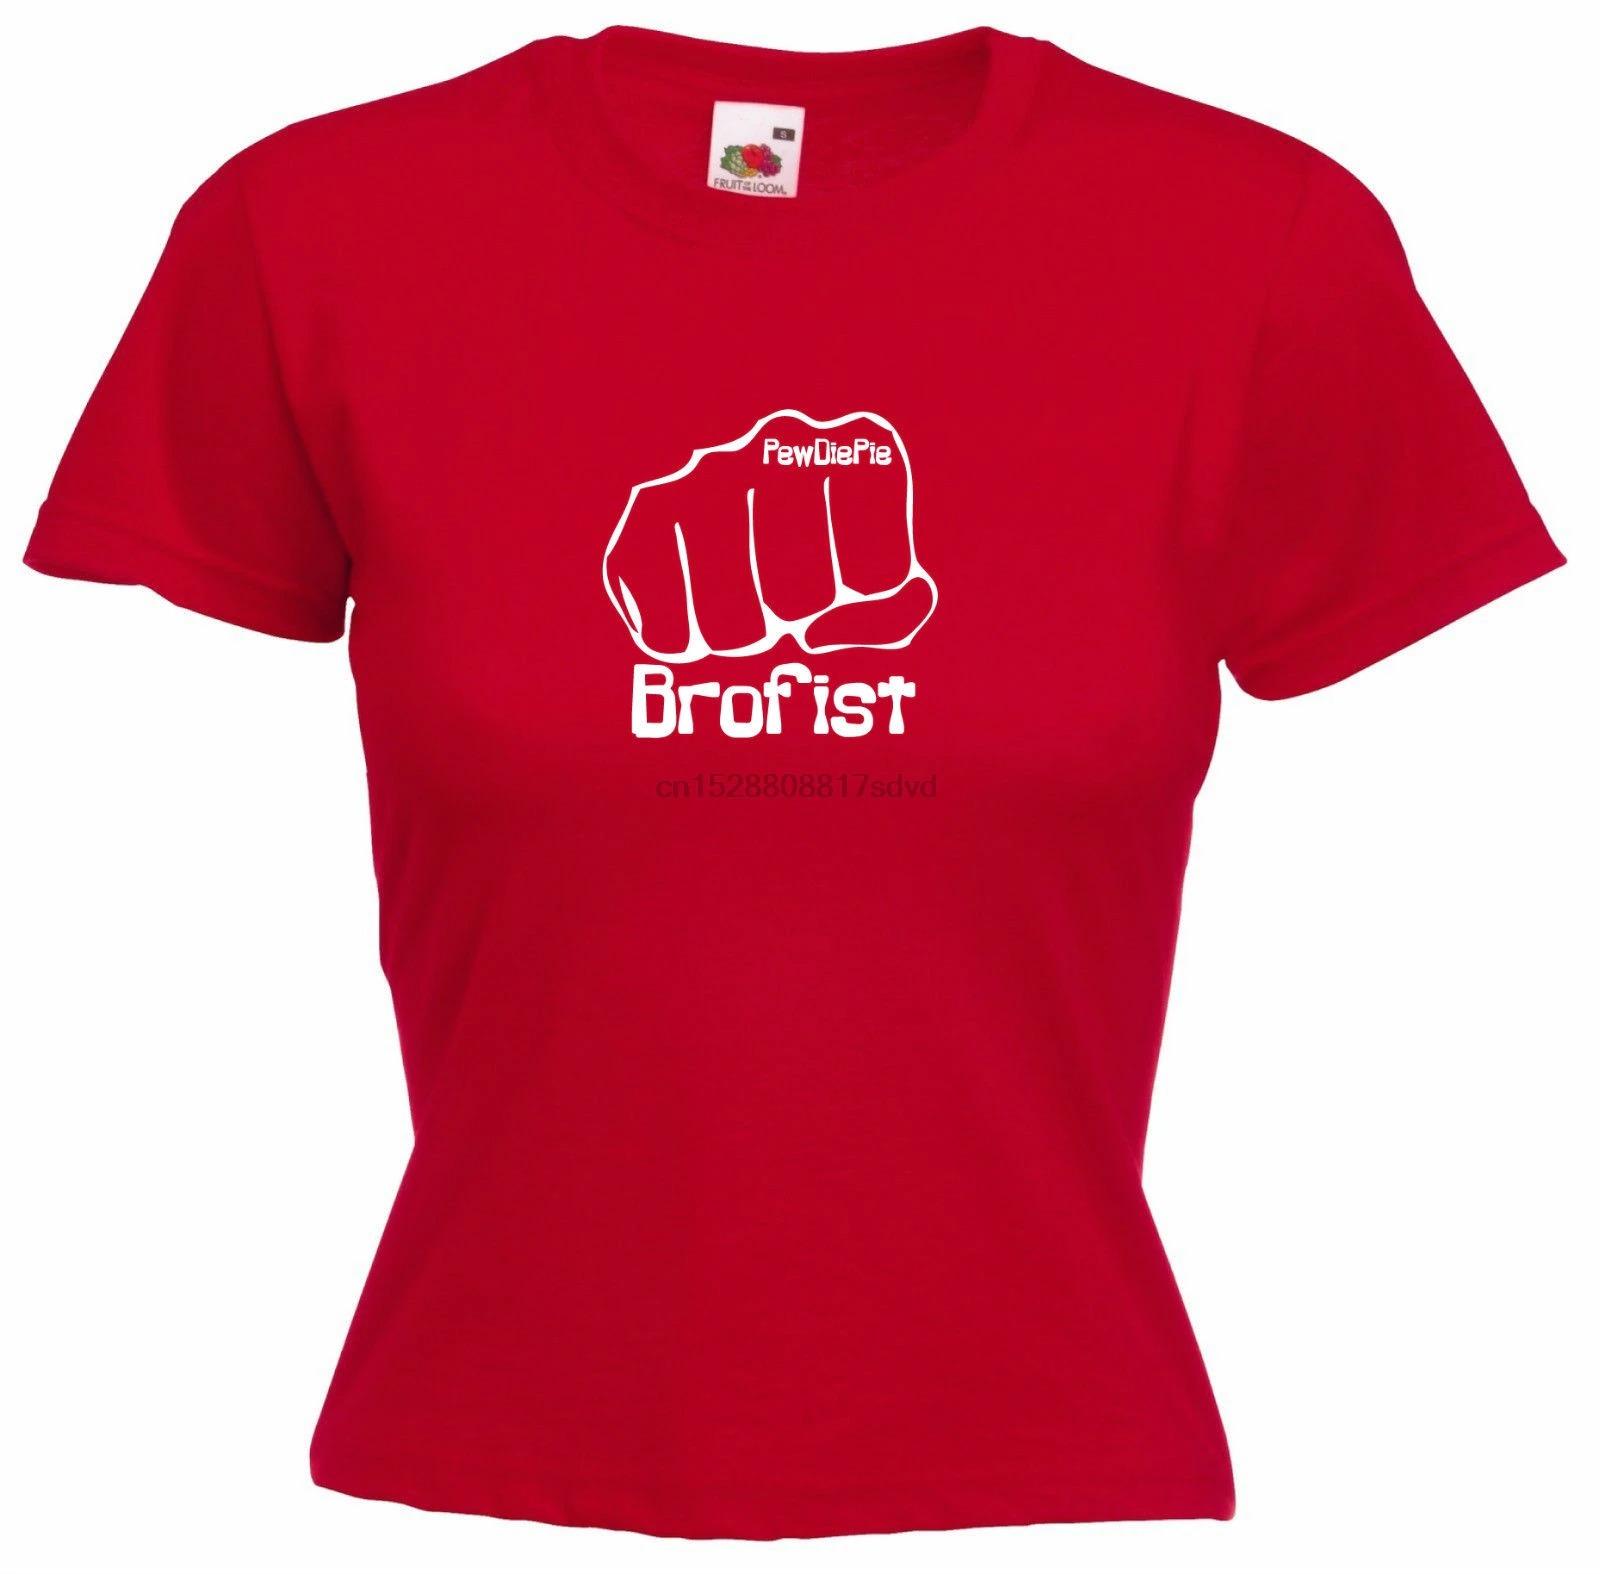 brofist   pewdipie stephano girls funny t shirt 3205 - PewDiePie Merch